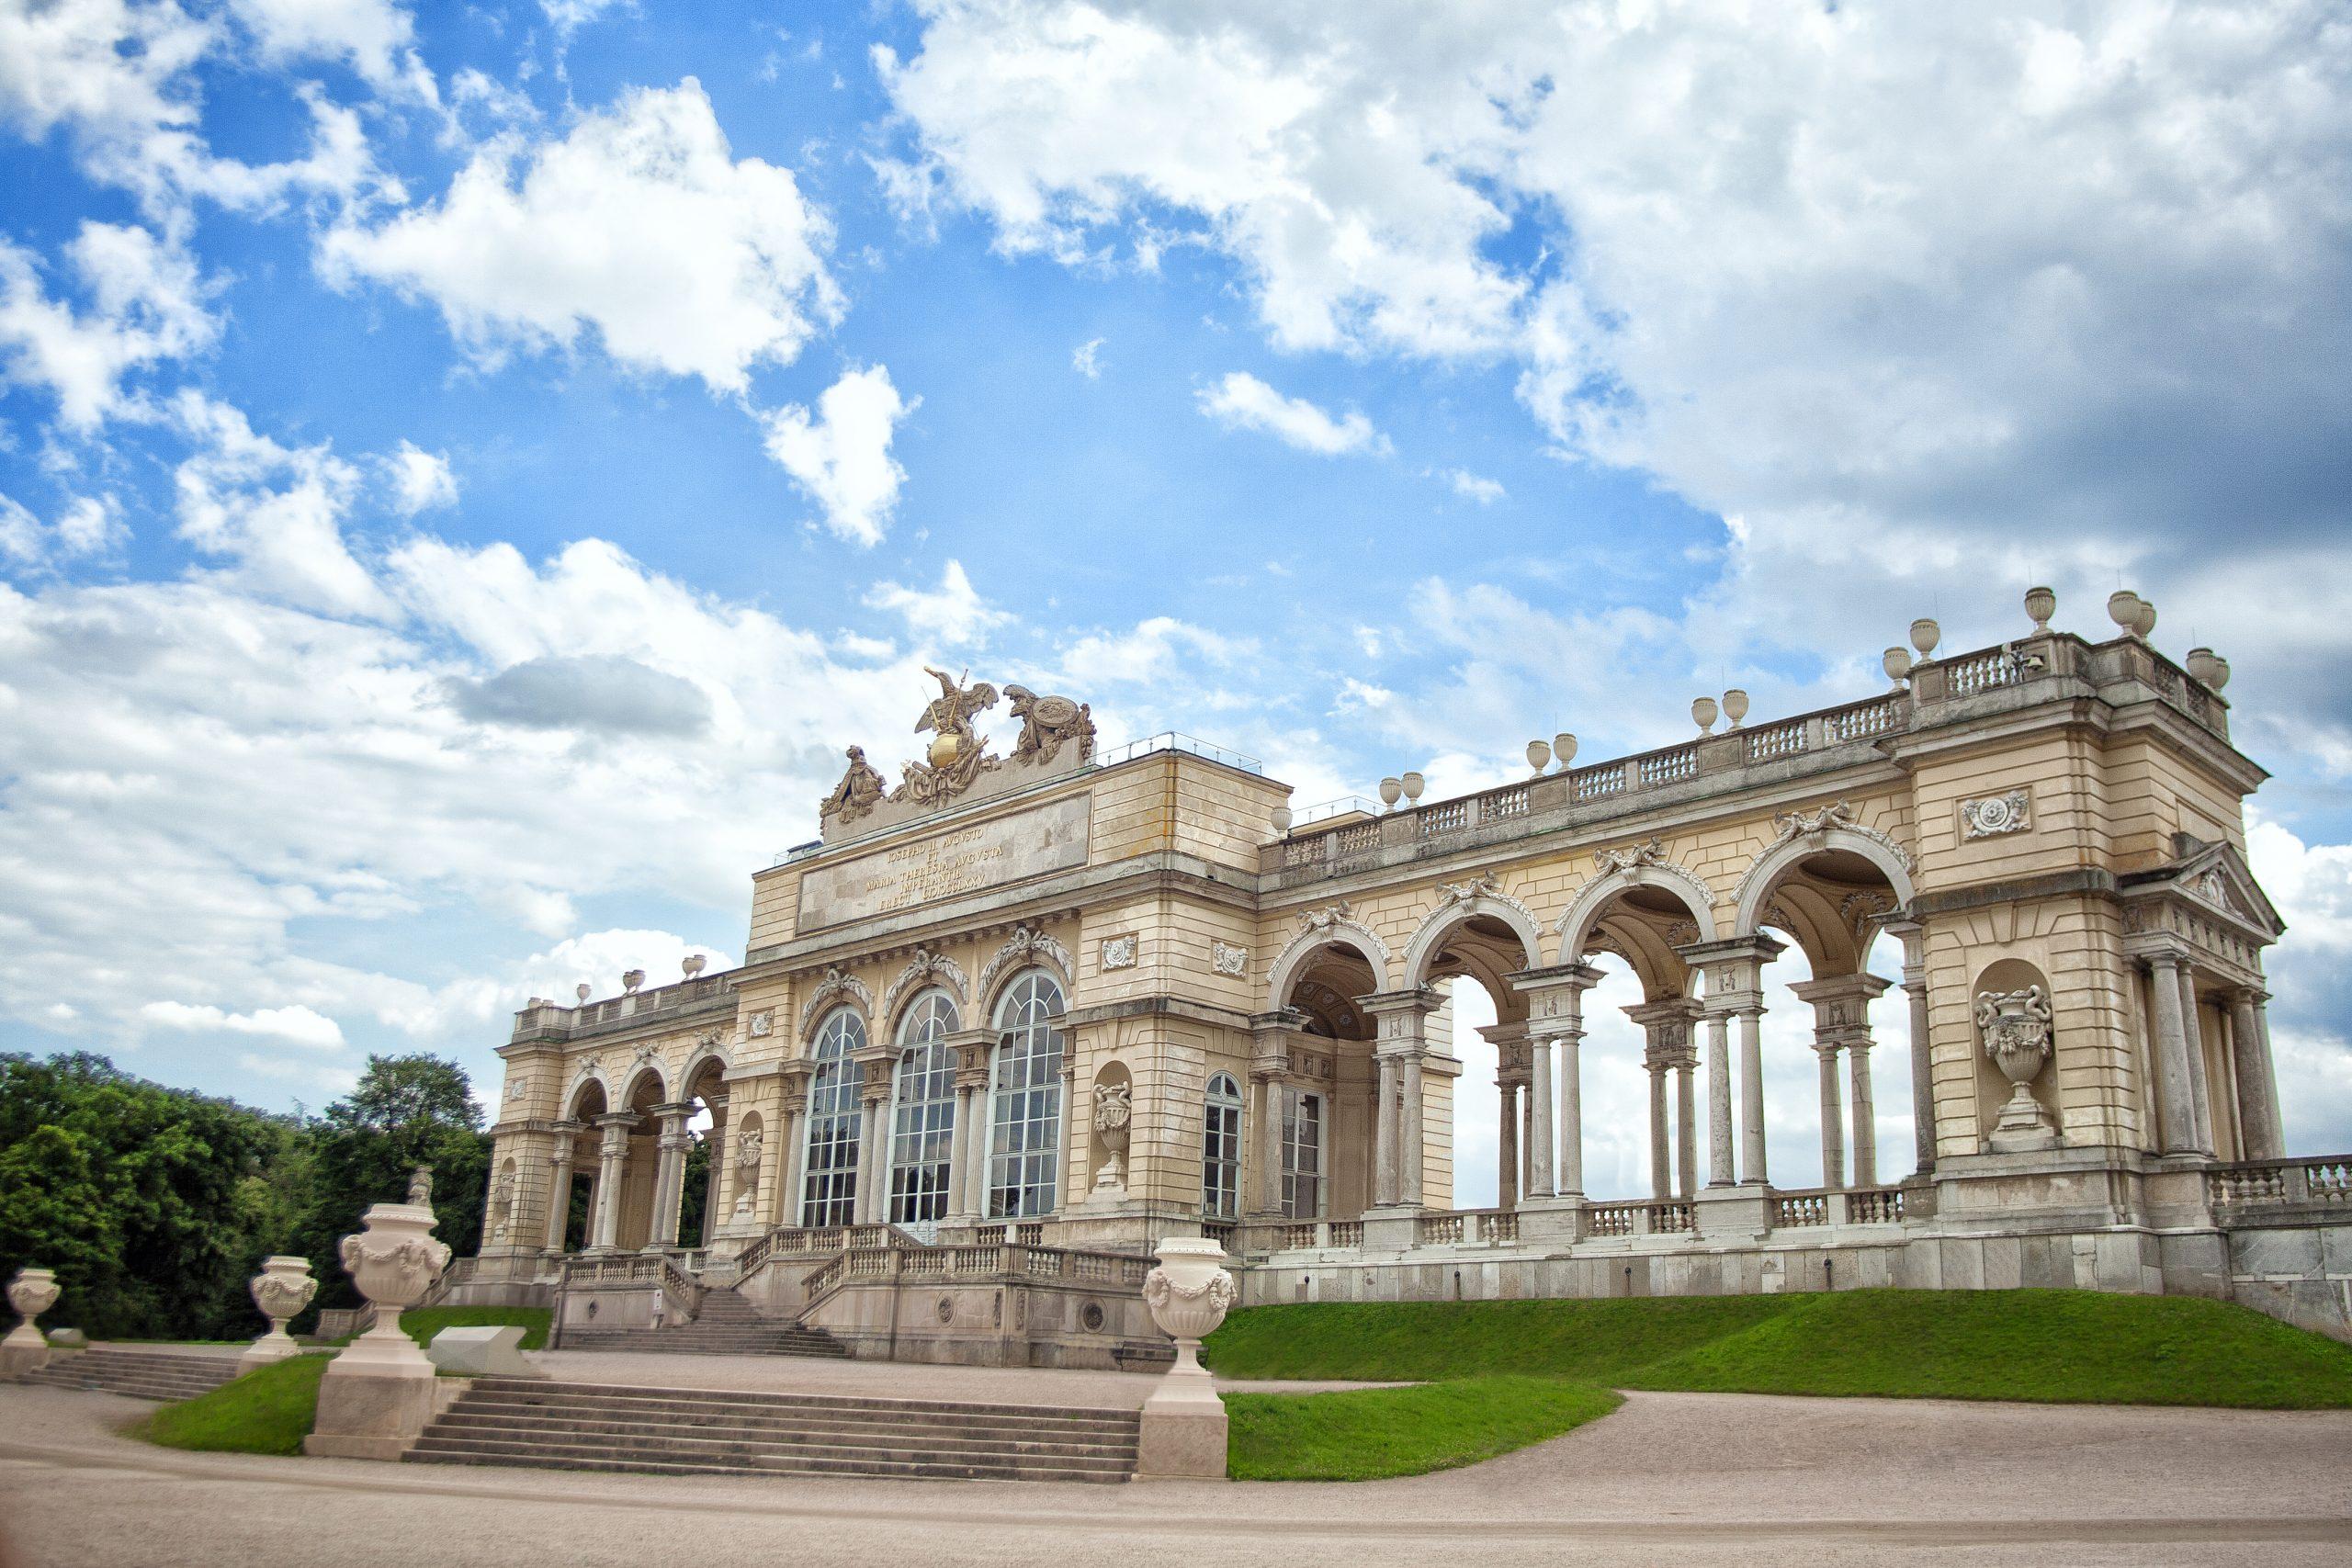 View of Gloriette in Schonbrunn - Vienna